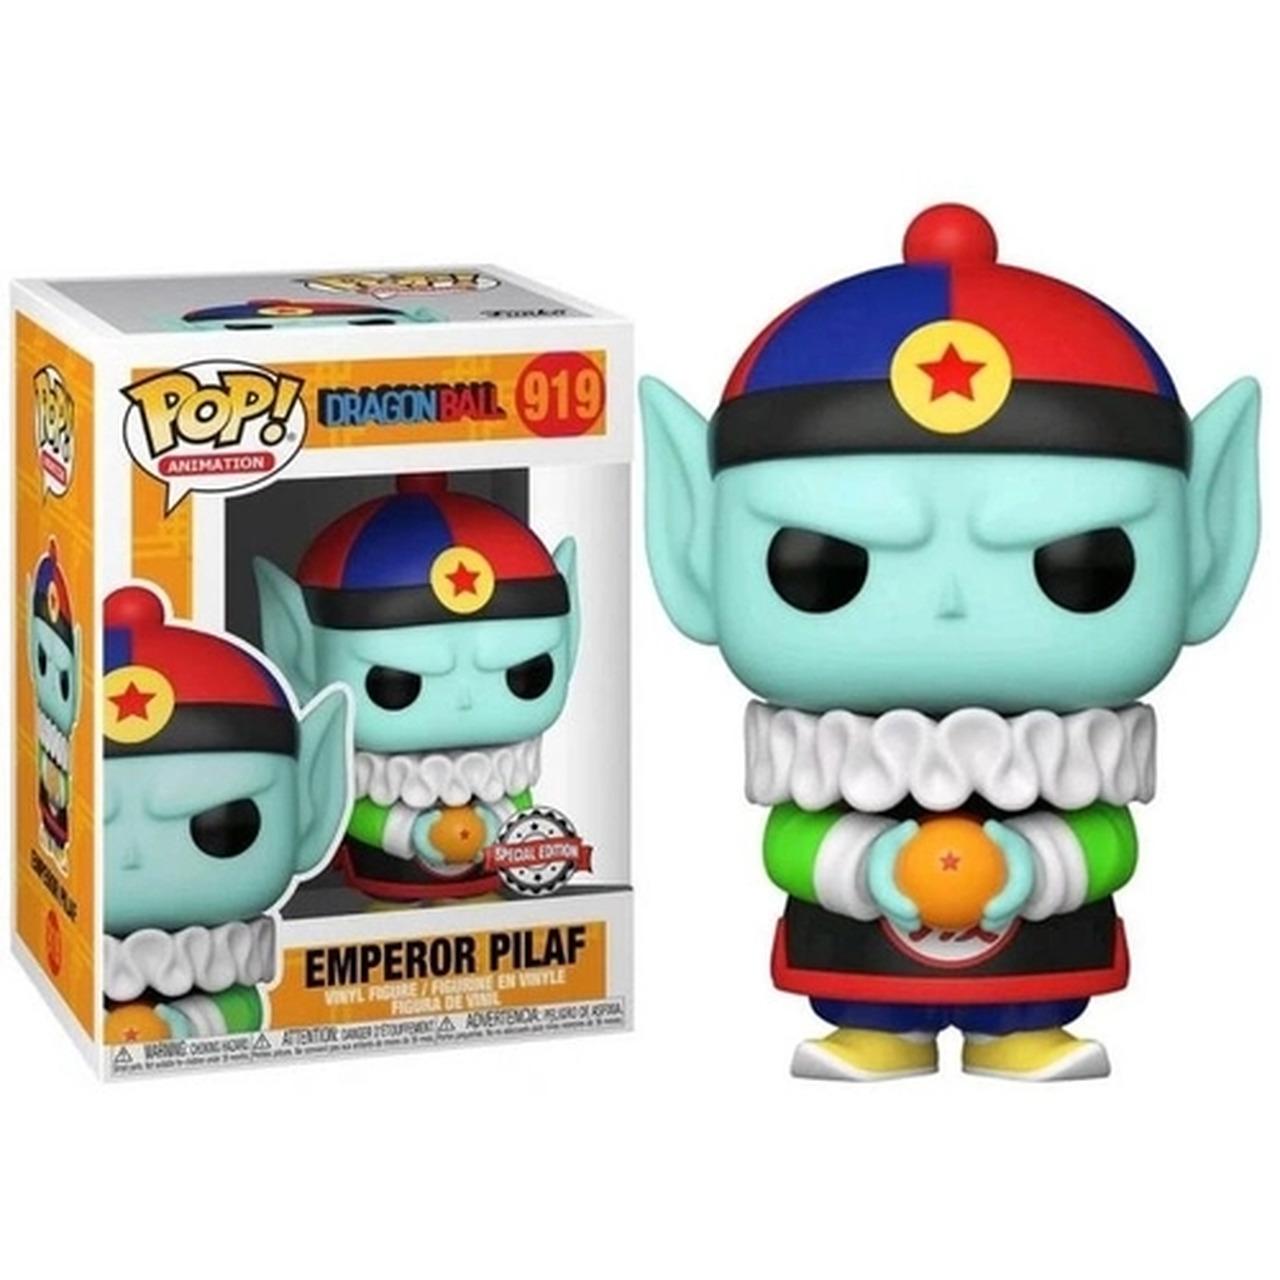 Funko Pop! Emperor Pilaf: Dragon Ball Z Edição Especial #919 - Funko